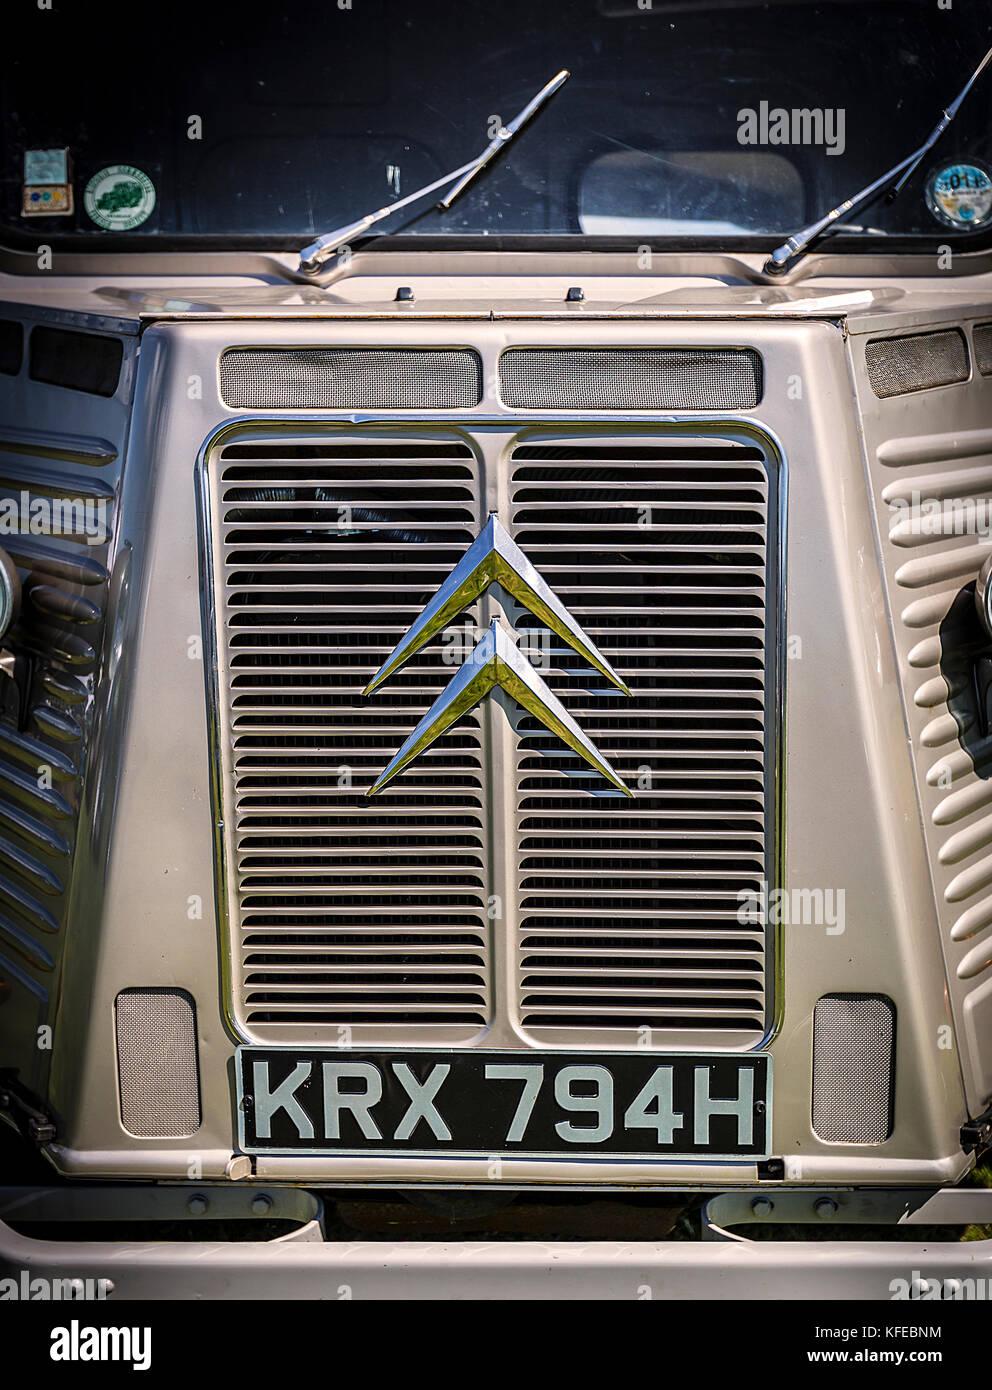 H-Type o HY es una furgoneta de paneles (camión ligero) producida por la fábrica francesa de automóviles Citroen entre 1947 y 1981. Foto de stock